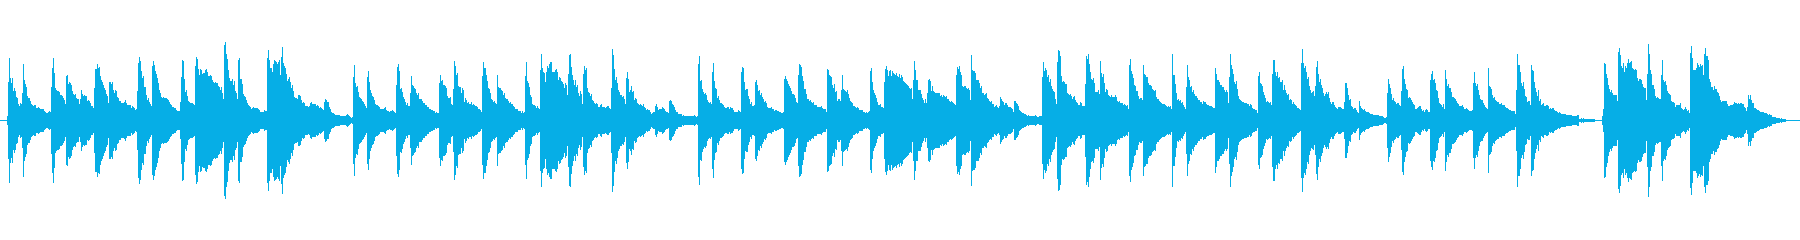 仰げば尊し  アコースティック(2)の再生済みの波形